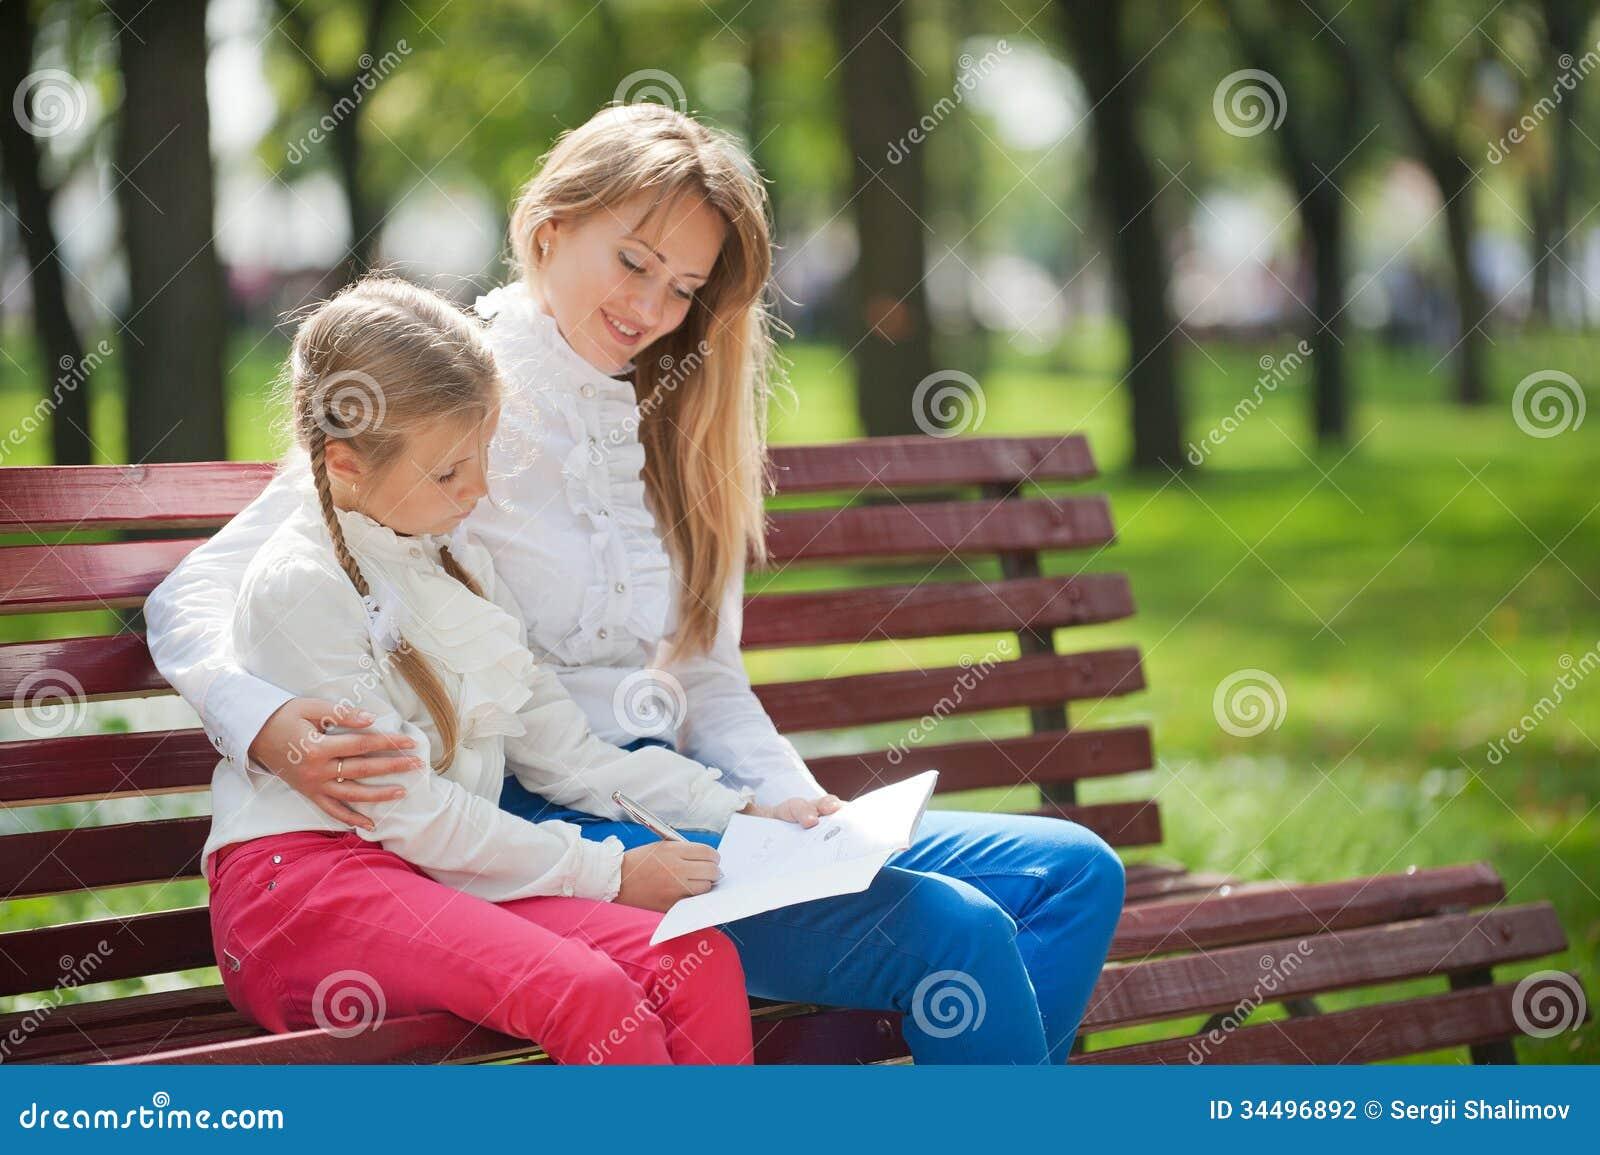 maman et fille sur un banc de parc photographie stock. Black Bedroom Furniture Sets. Home Design Ideas